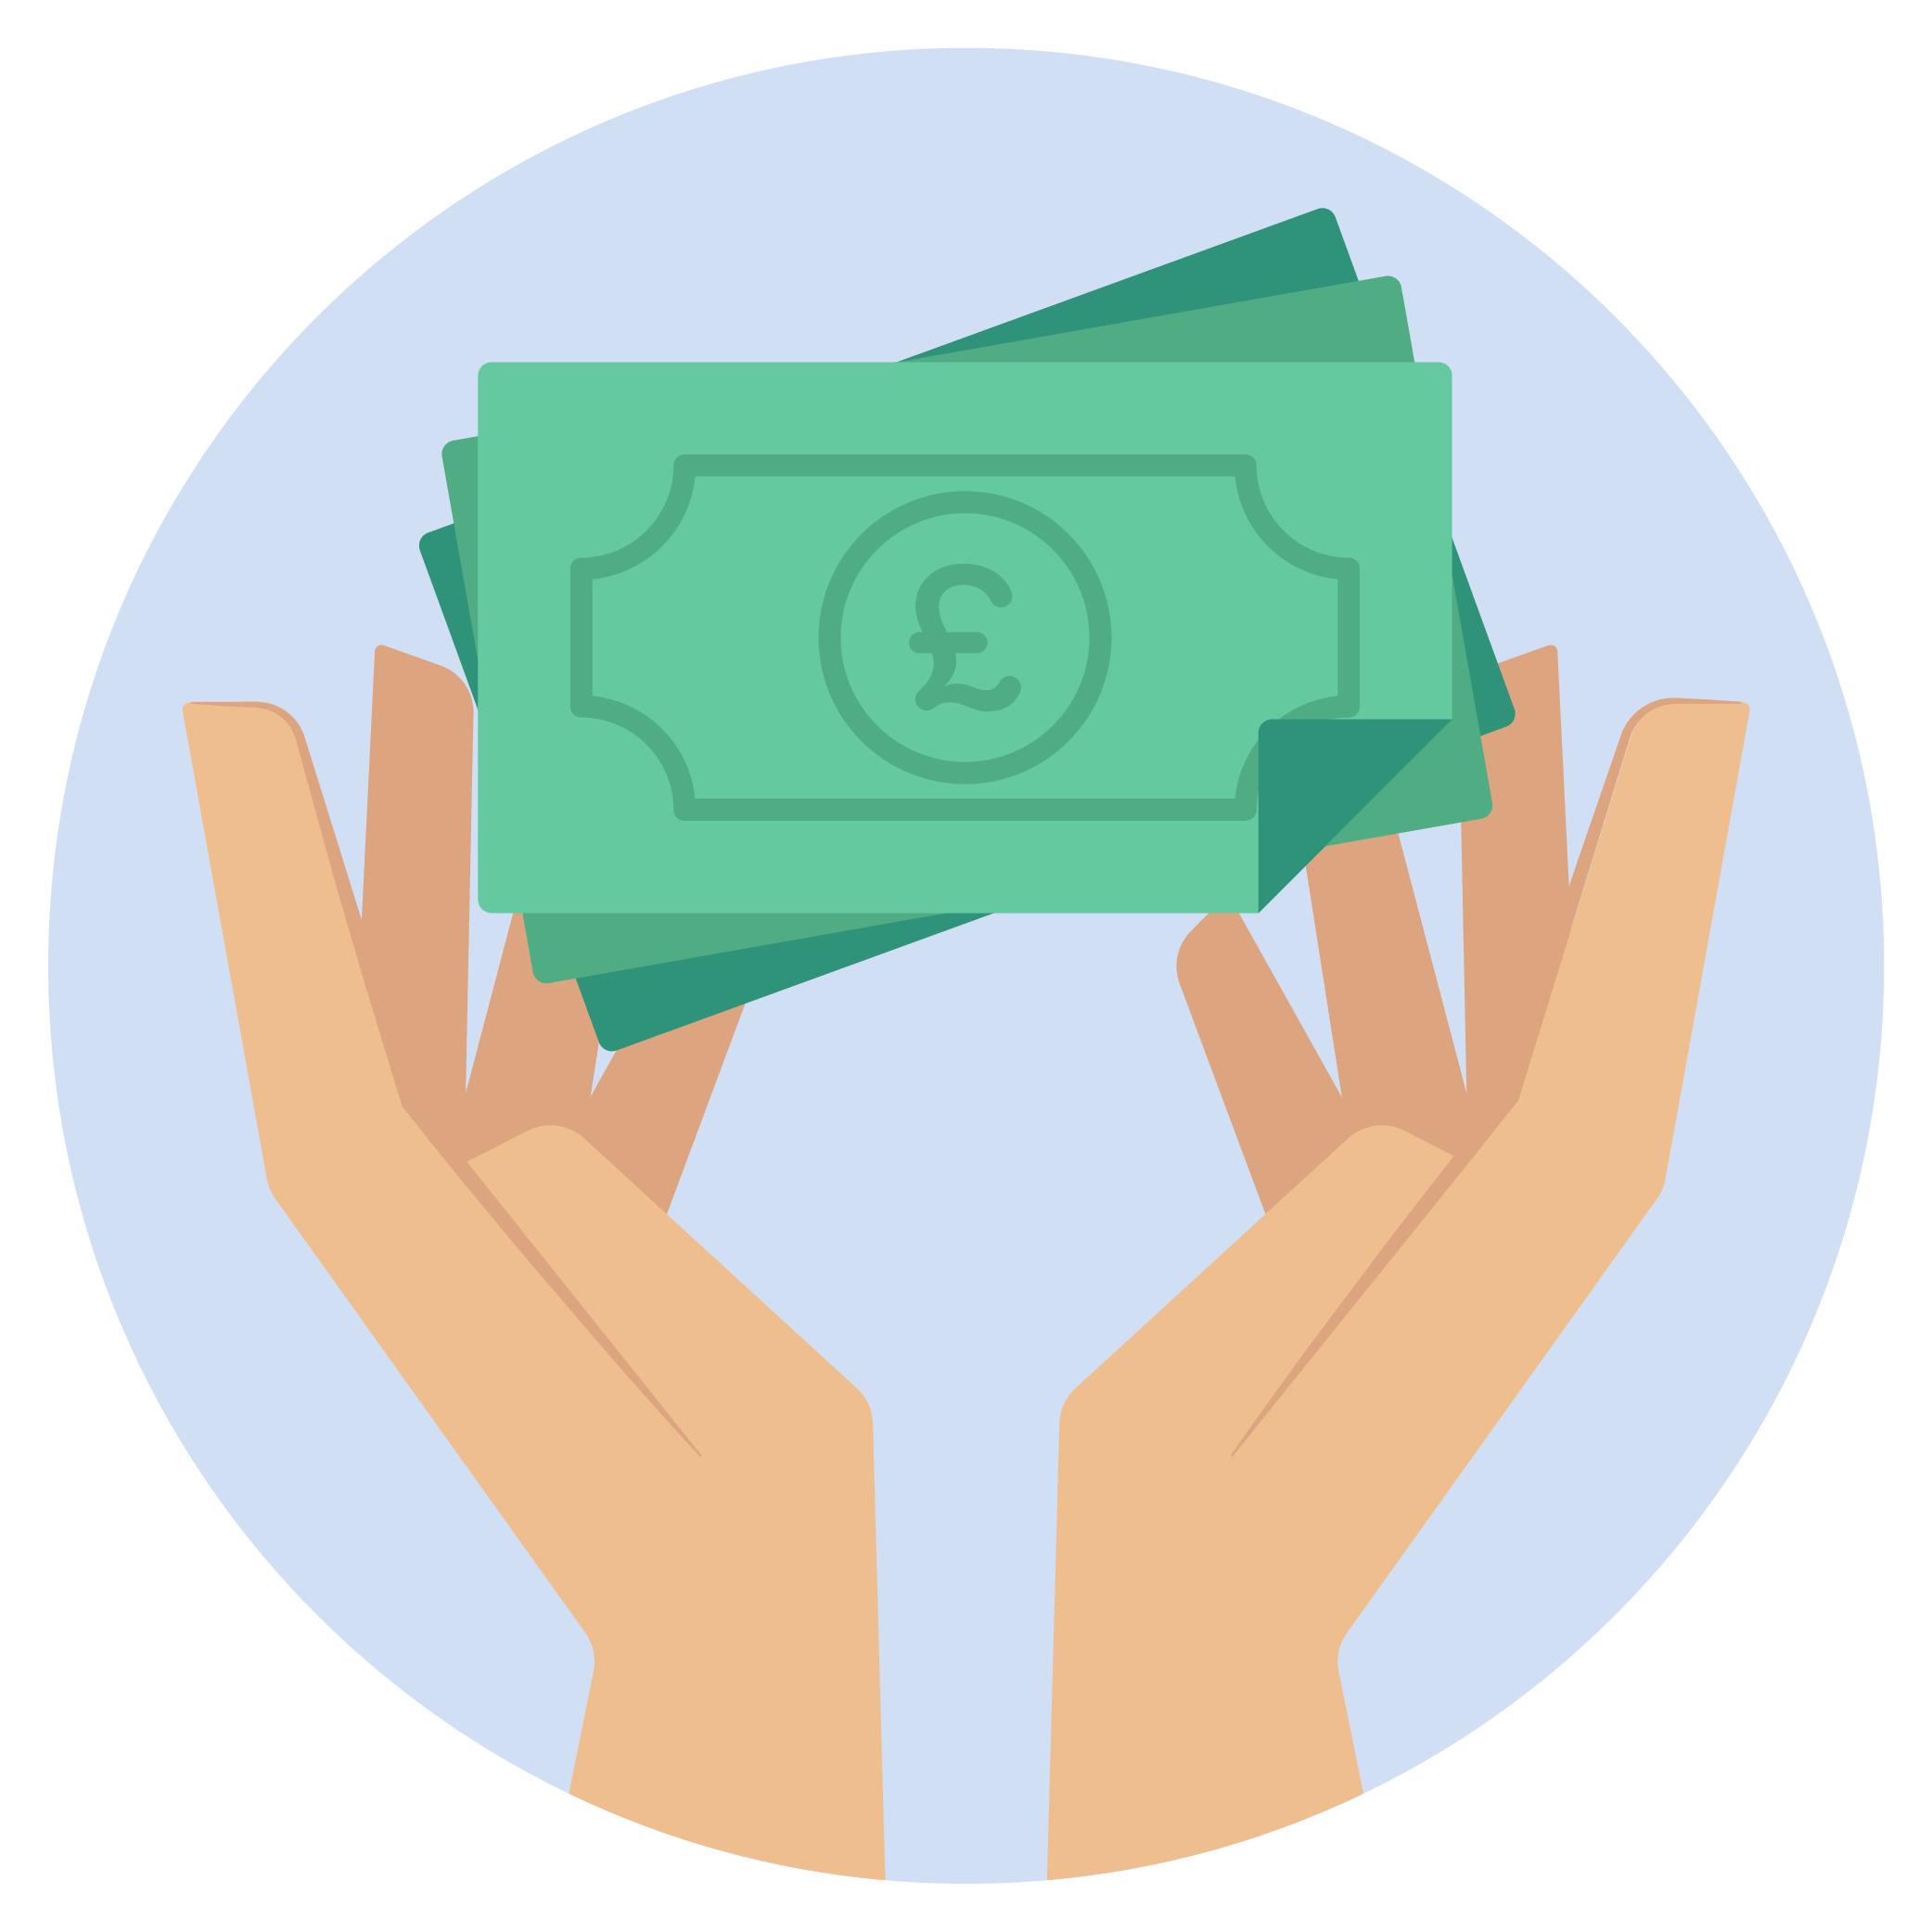 Cash notes held between two hands.